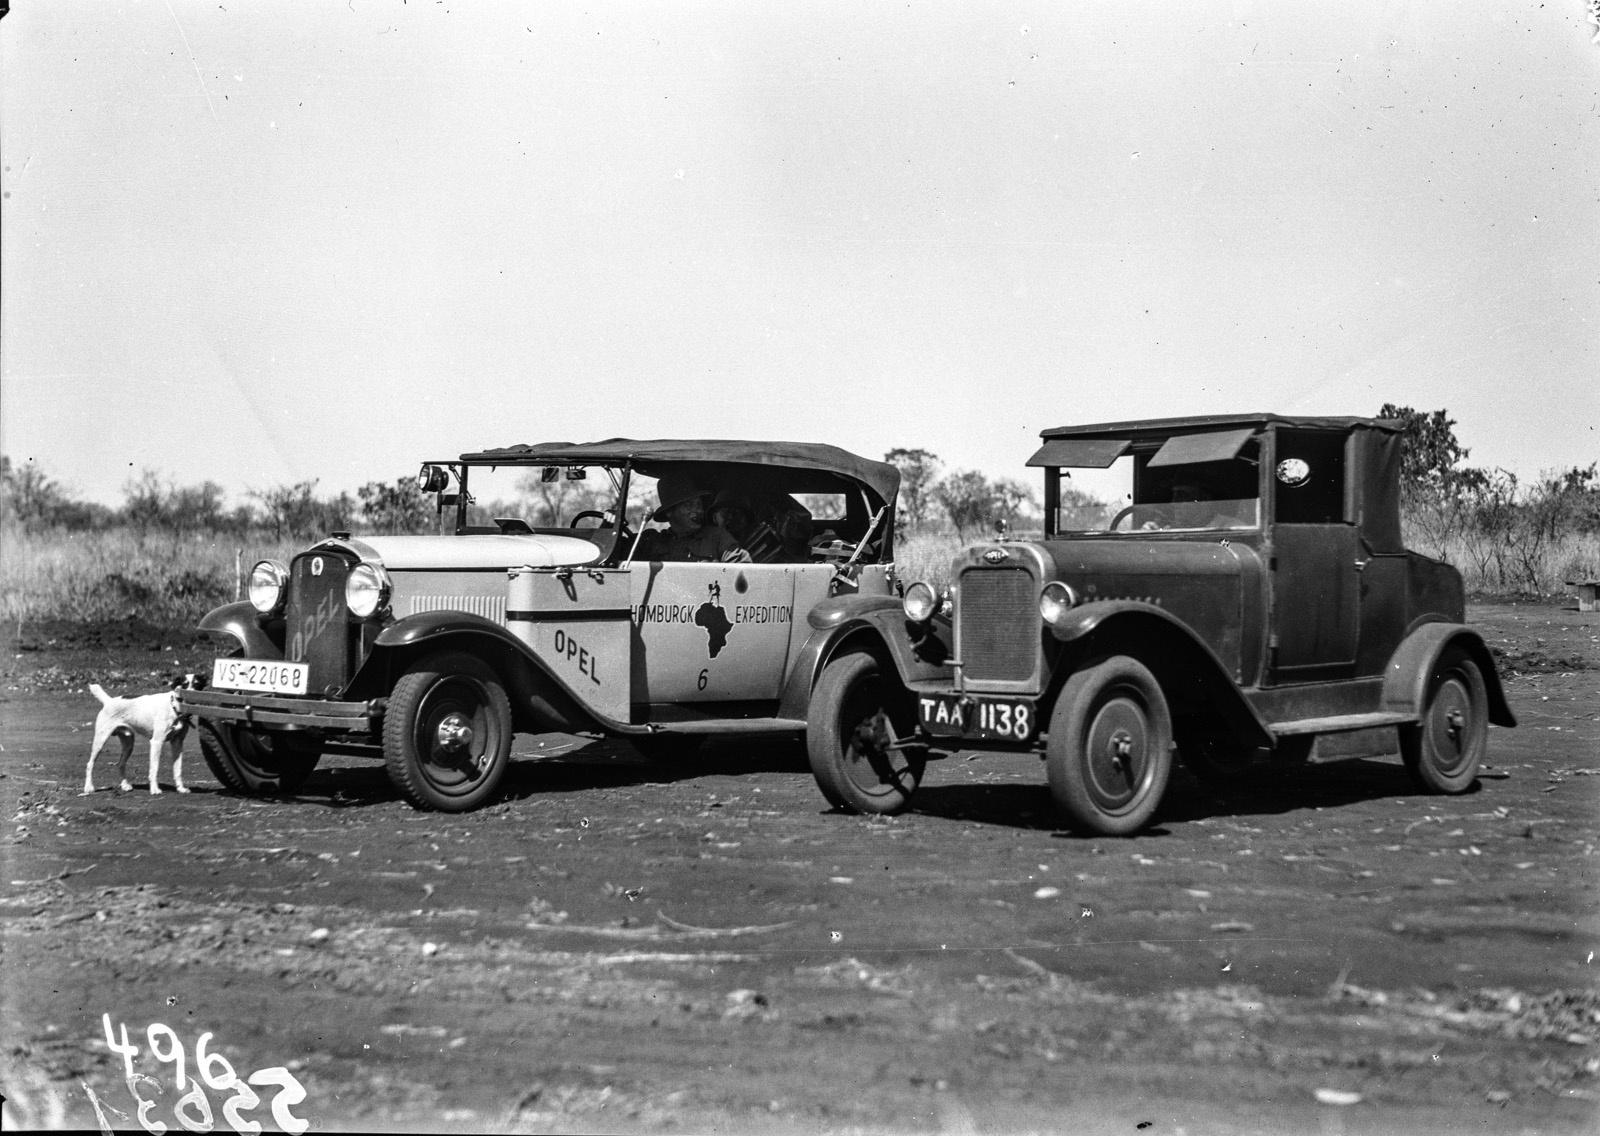 Нижняя Саби. Две экспедиционные машины Opel.